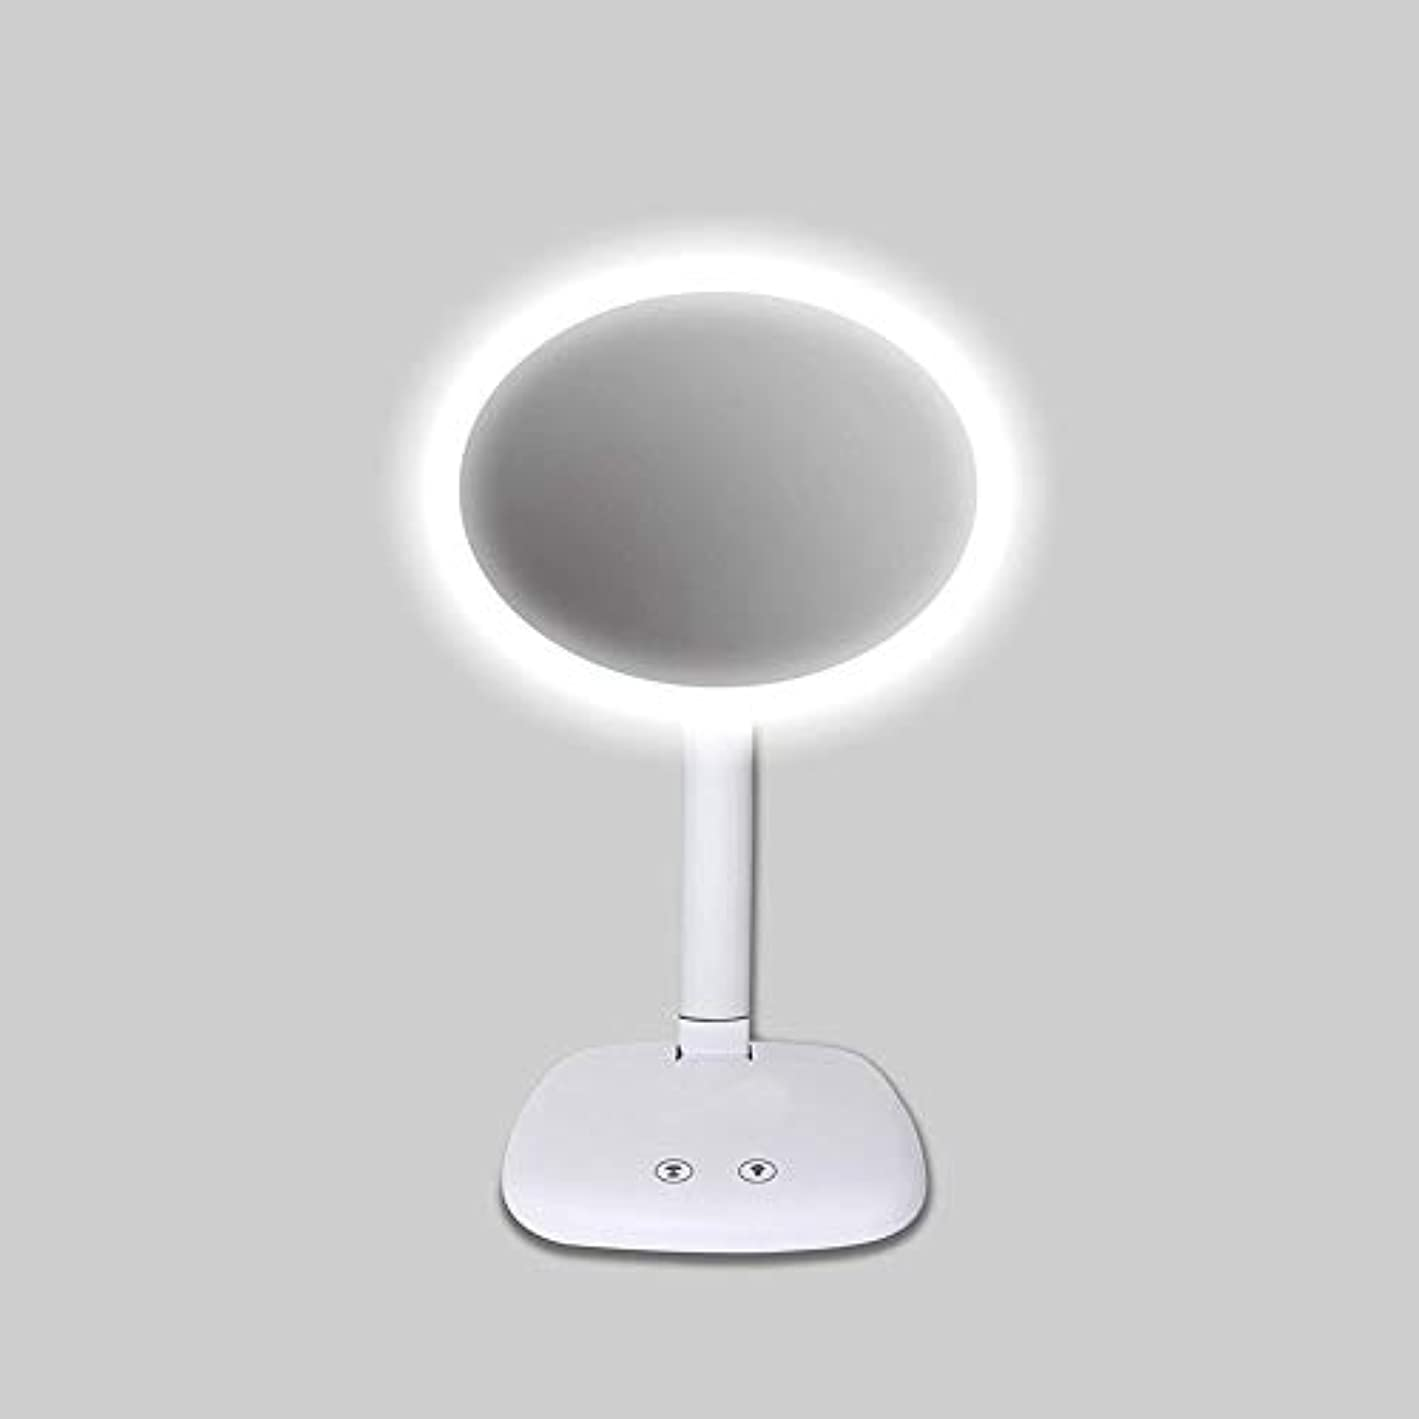 賭け敬の念はげLED化粧鏡、デスクトップミラー、2-1バニティミラー、タッチセンシティブLEDミラー、3つの明るさ調節可能、USBまたはバッテリータイプ(白)